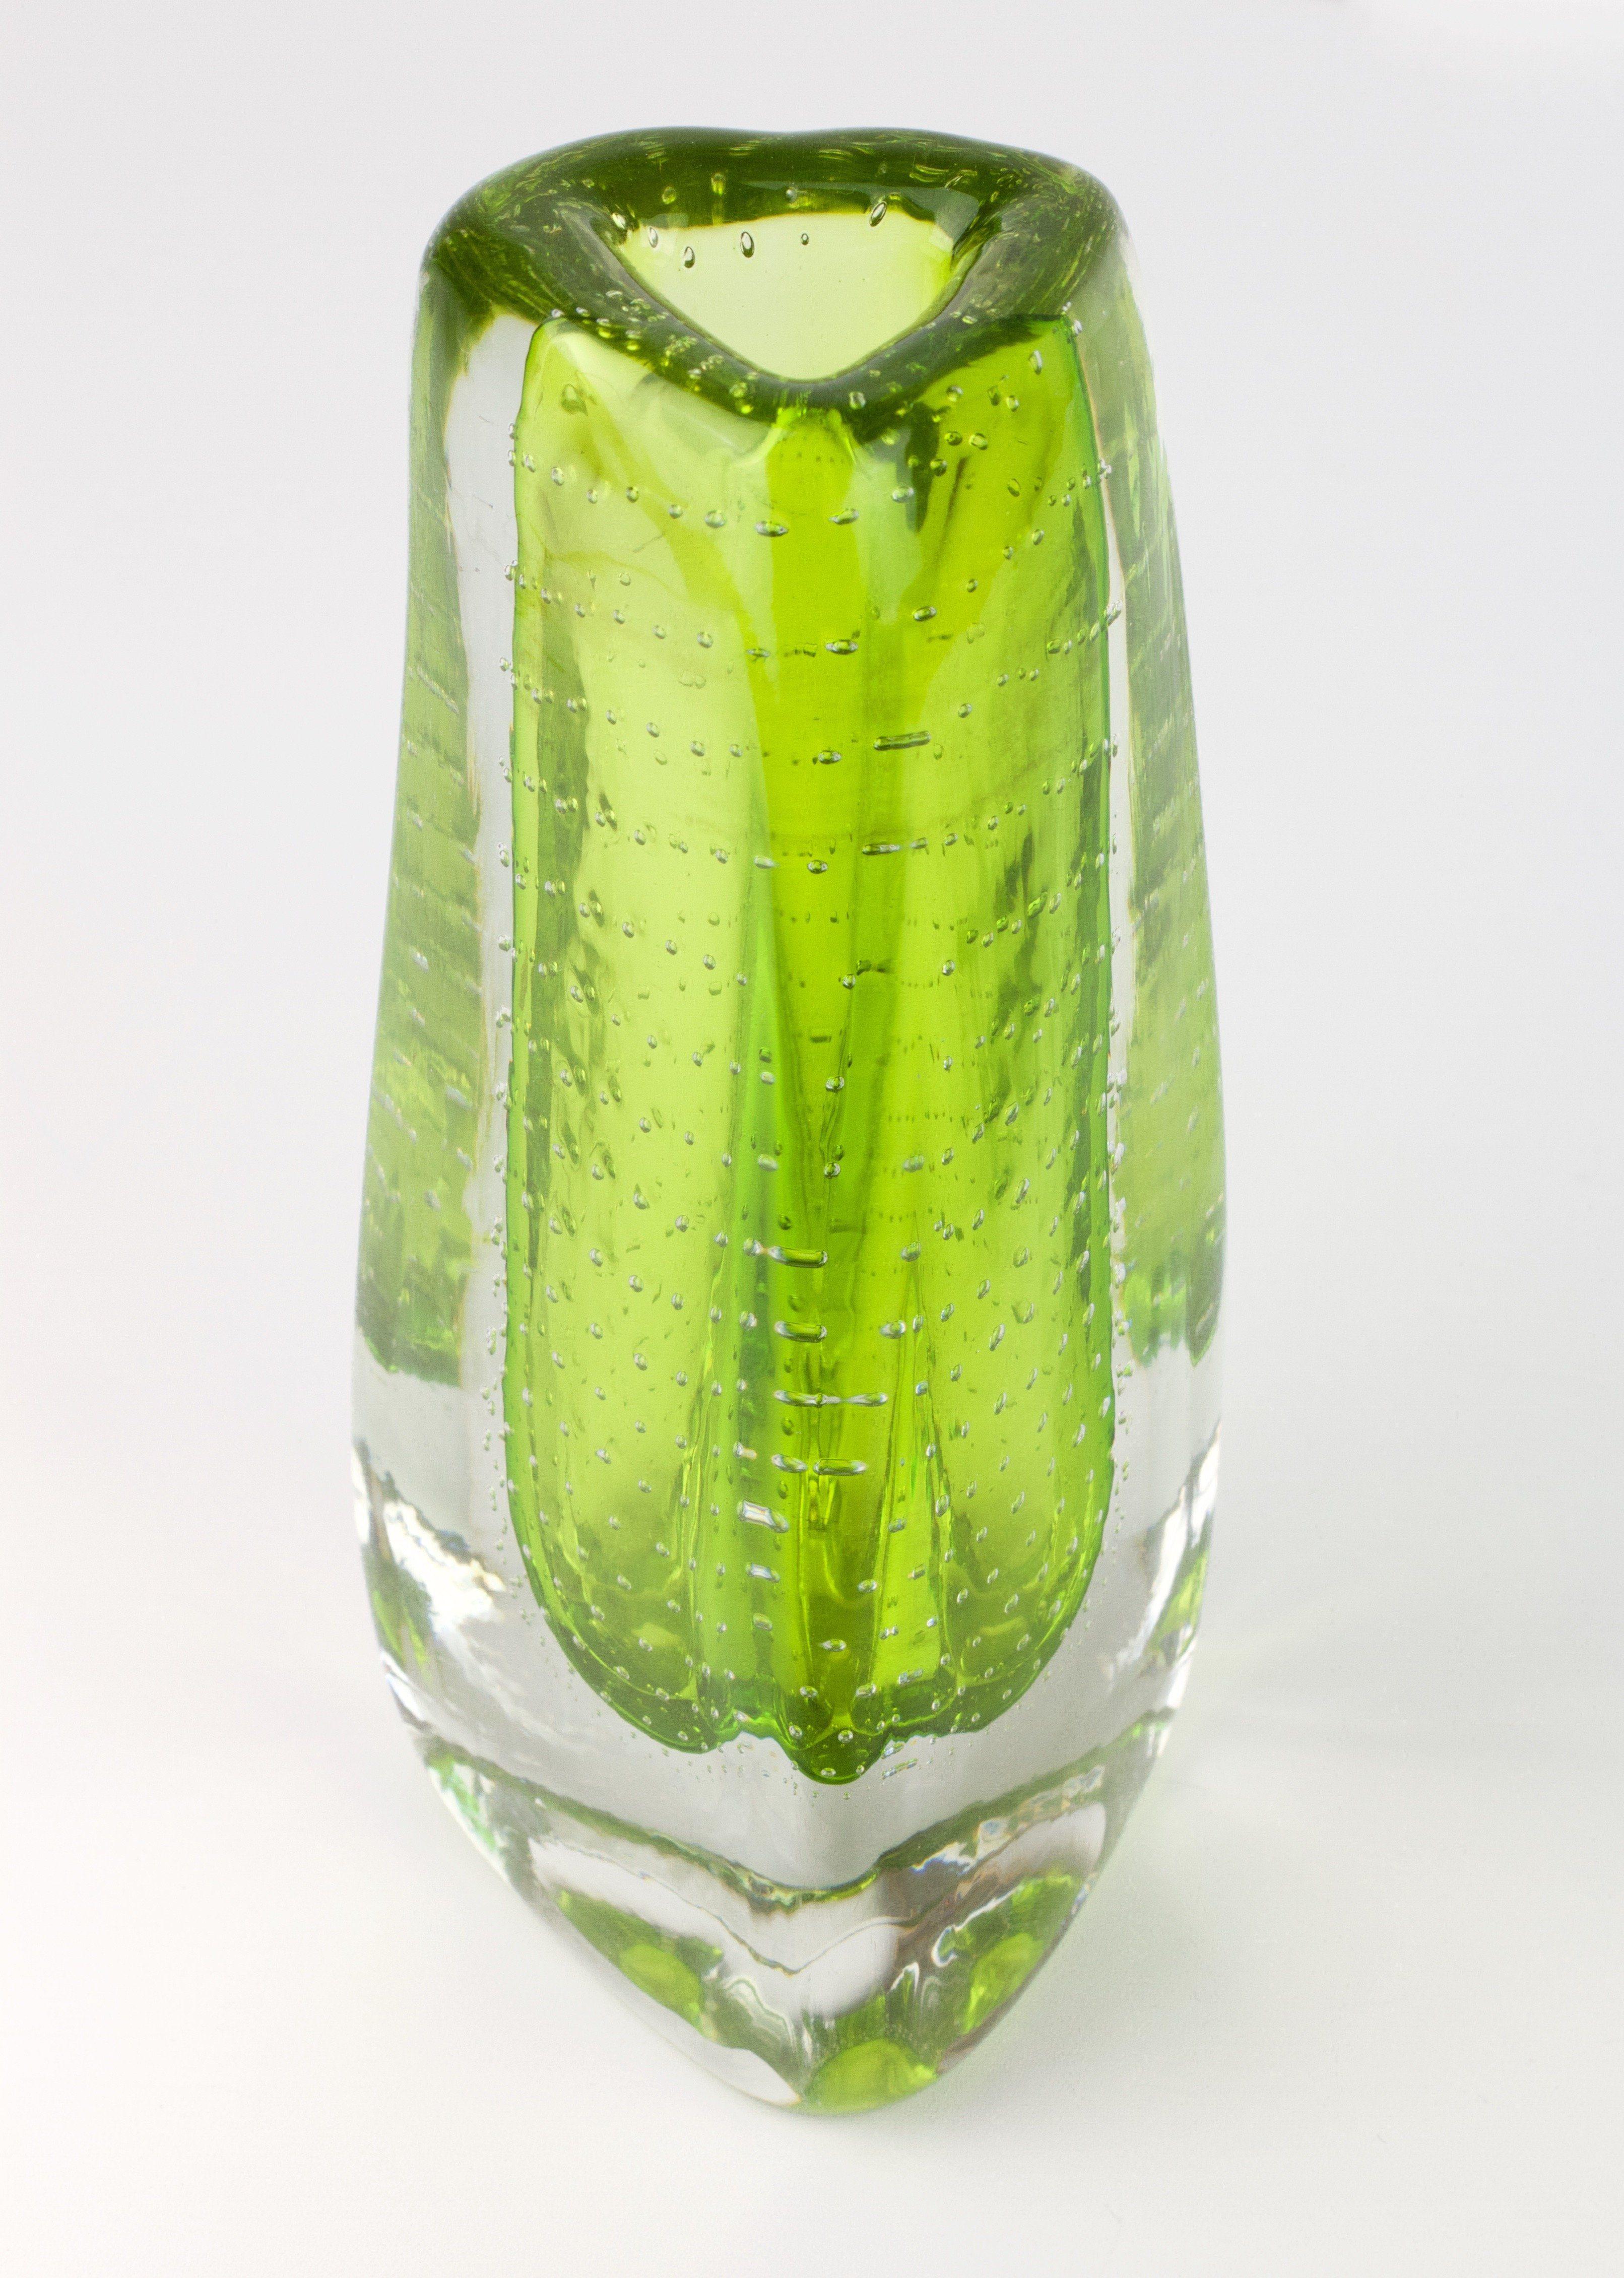 vintage glass vases ebay of 35 antique green glass vases the weekly world in 35 antique green glass vases